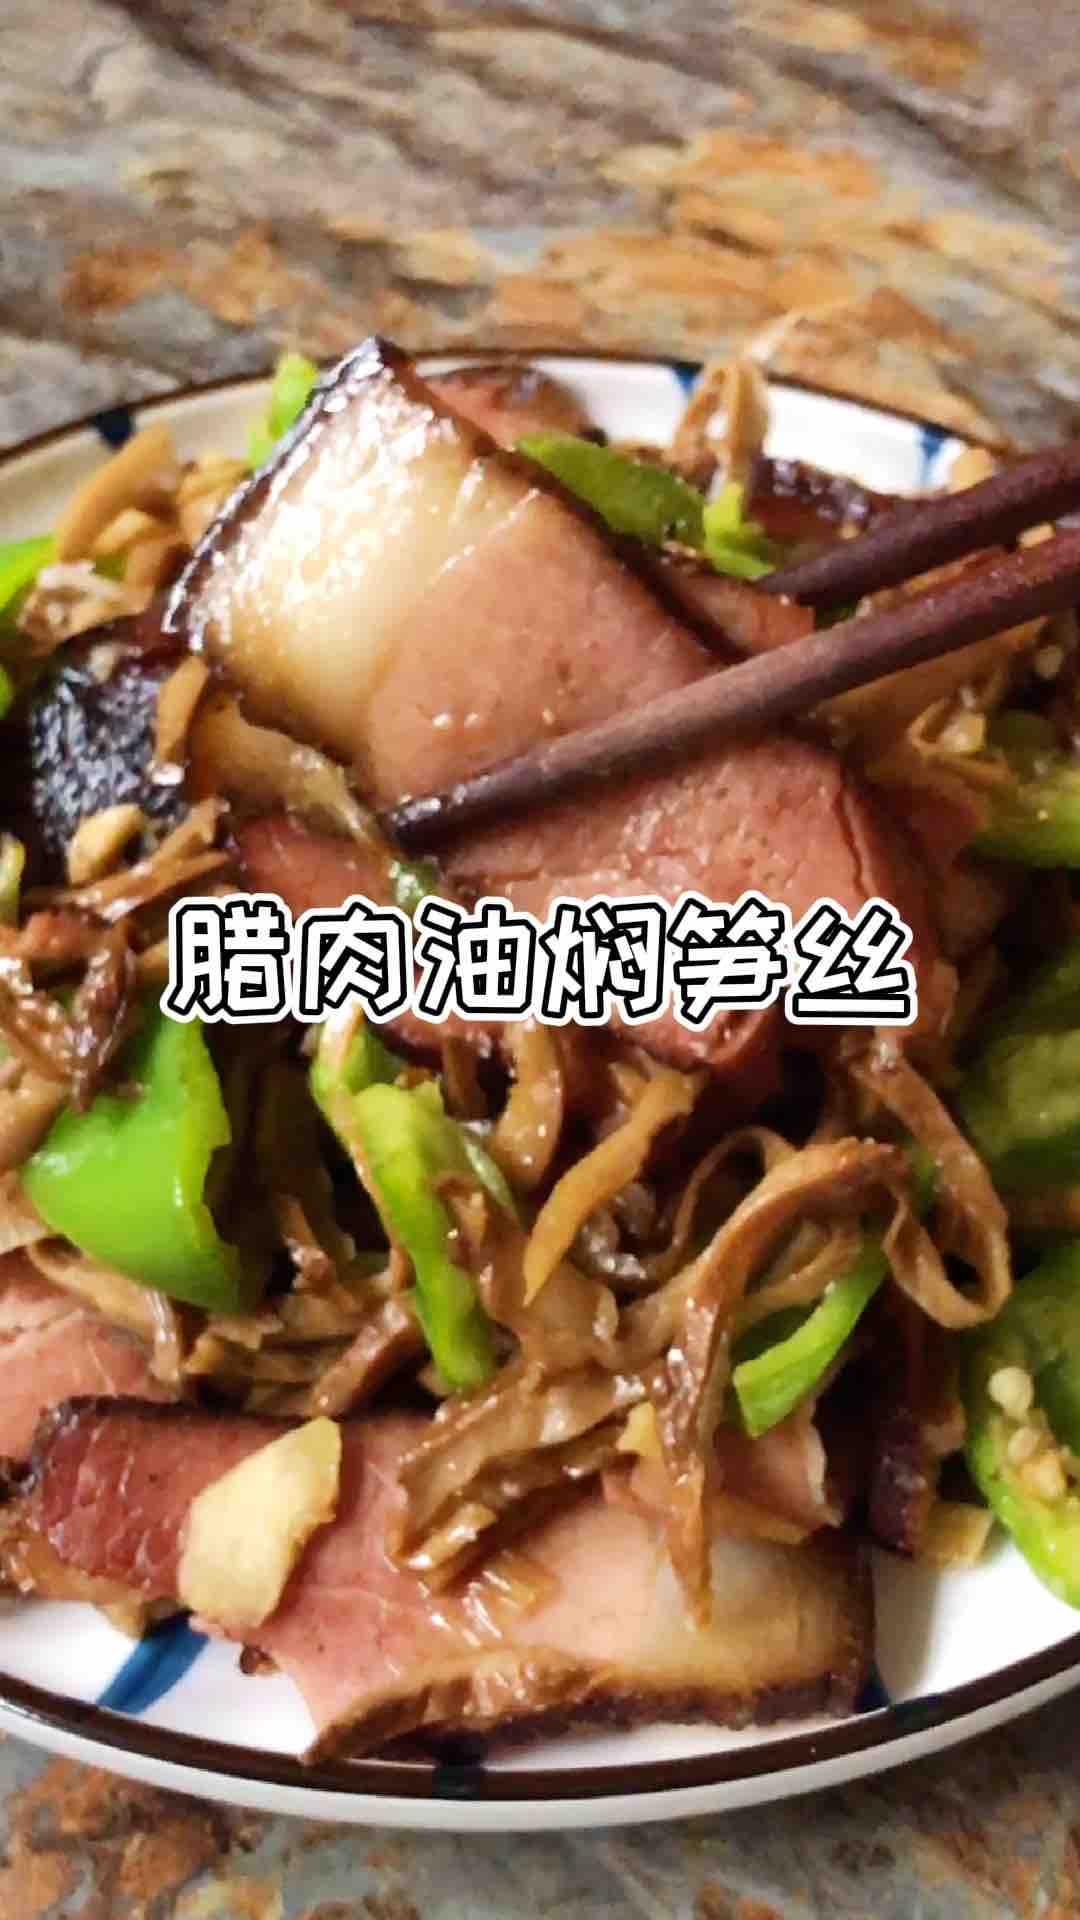 腊肉炒油焖笋丝